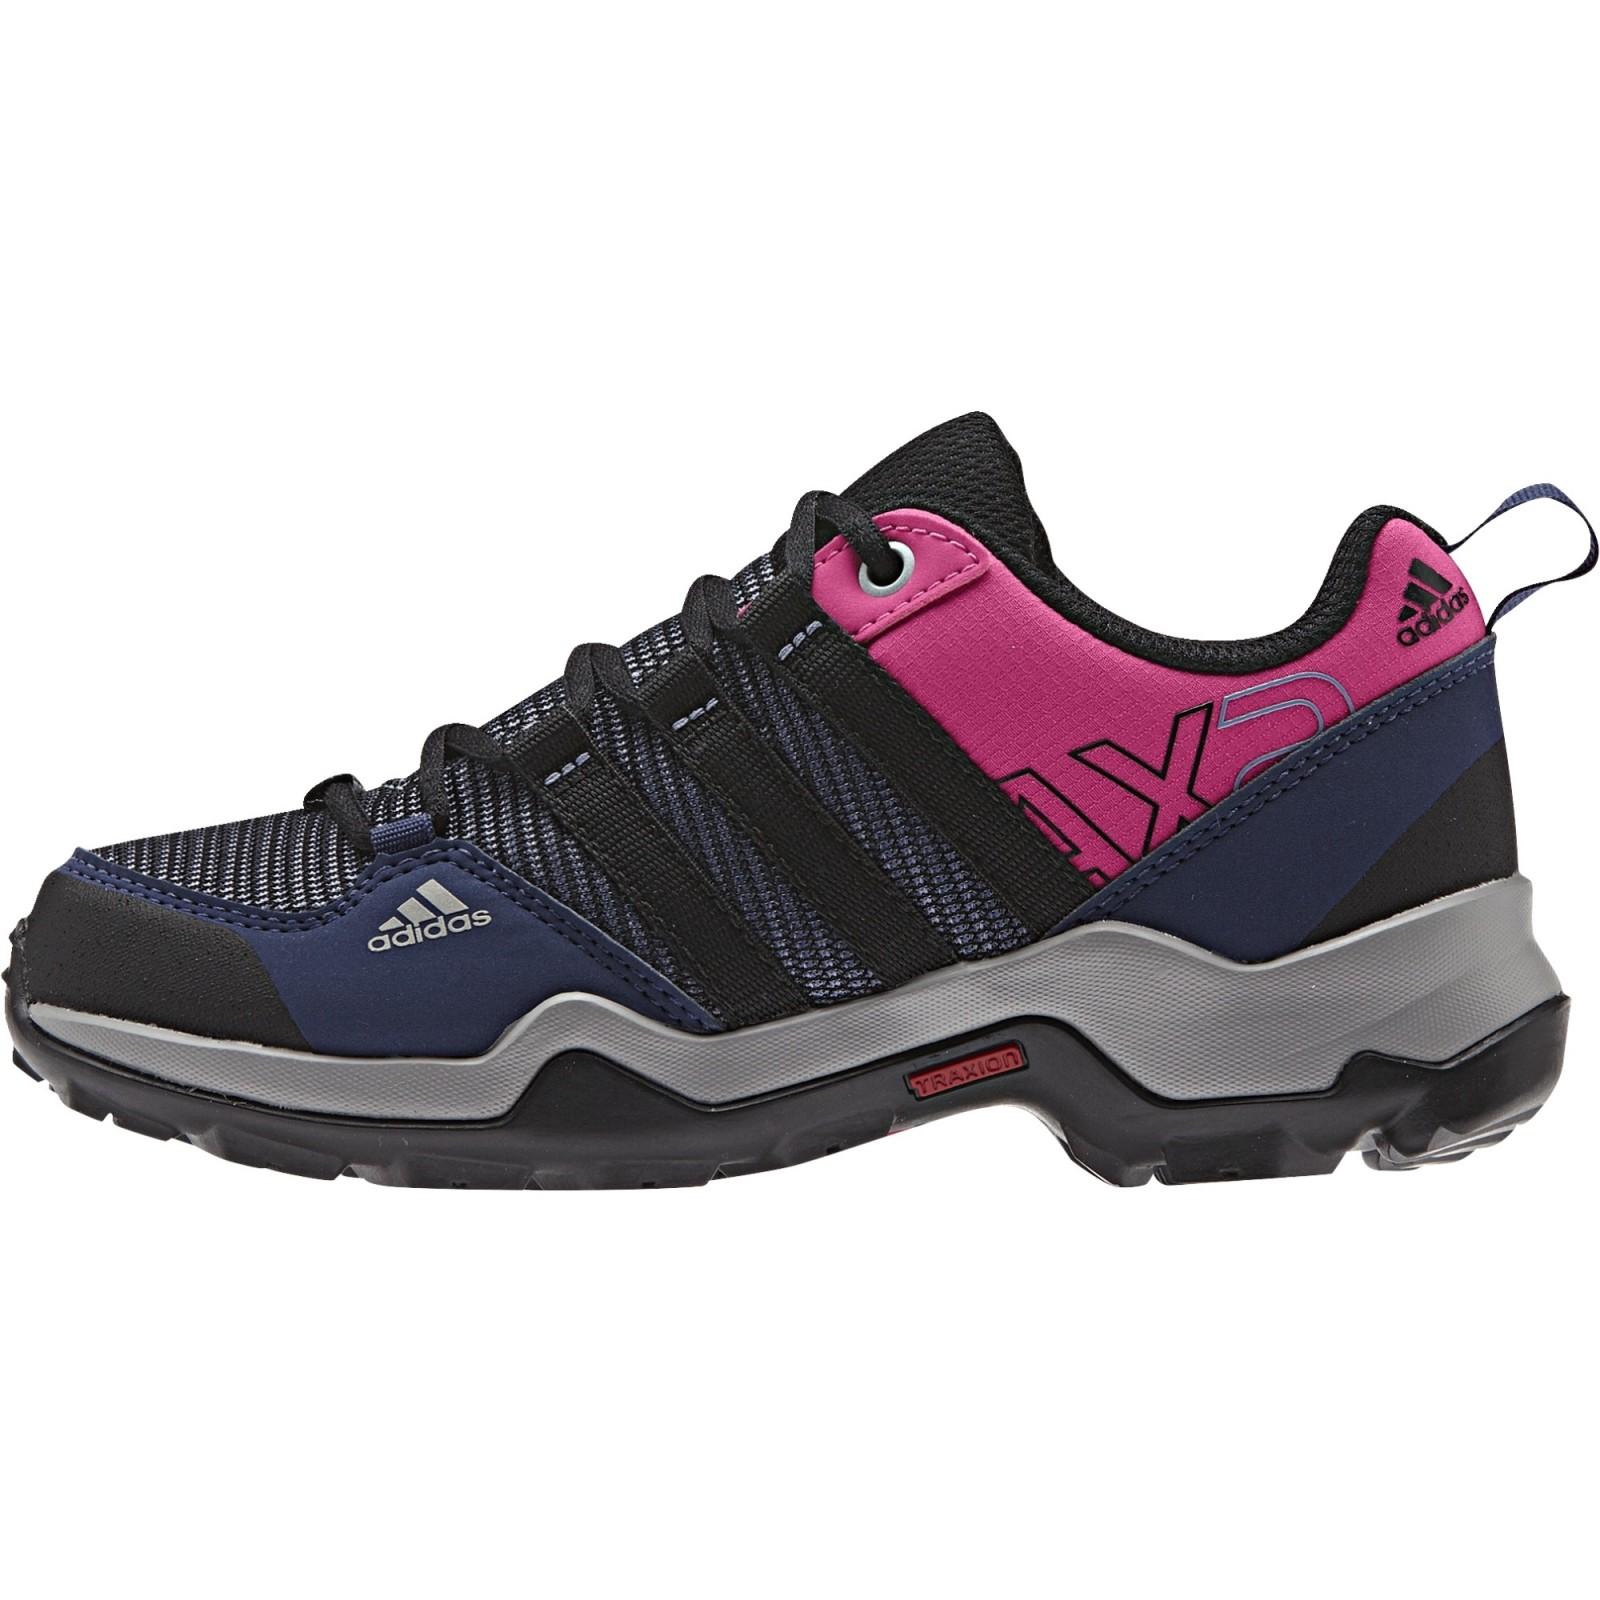 e6ccc69f4a4 Dětská treková obuv adidas AX2 CP K